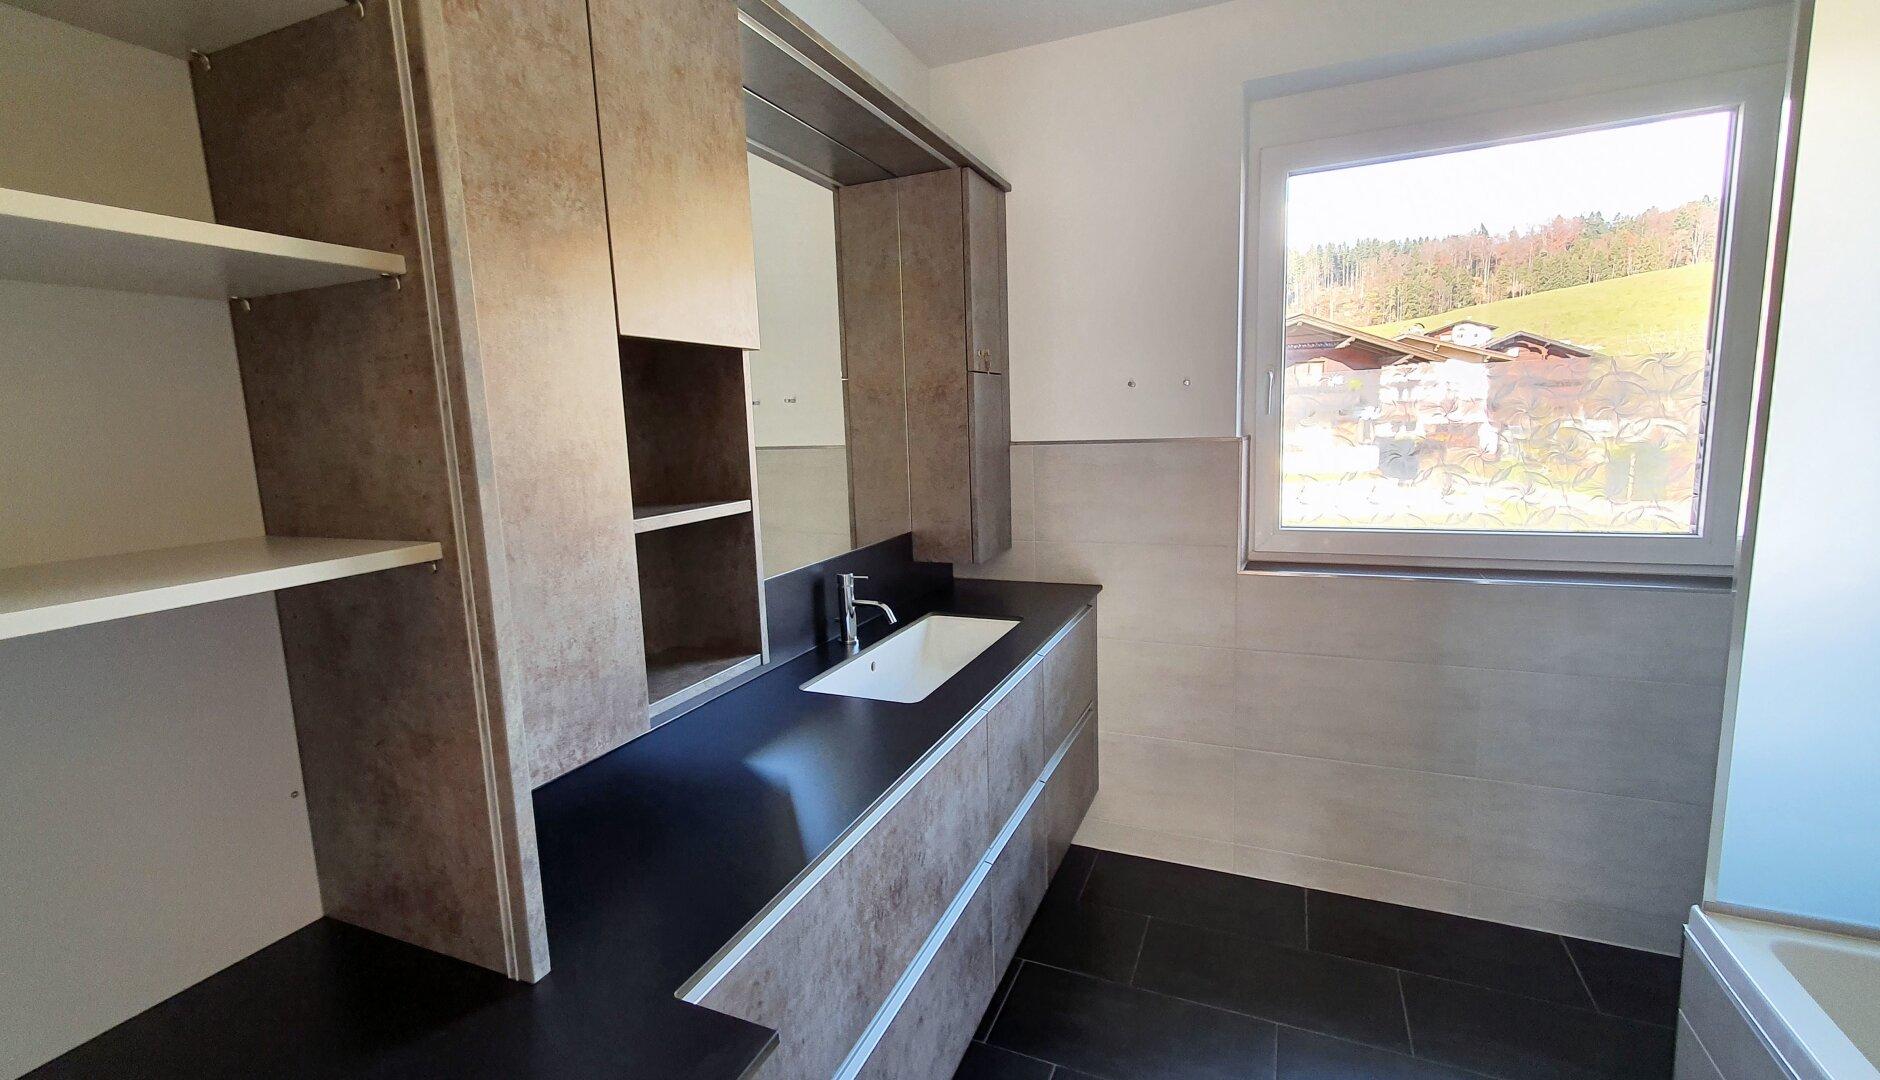 Bad, 4-Zimmer Maisonette Wohnung, Schwoich